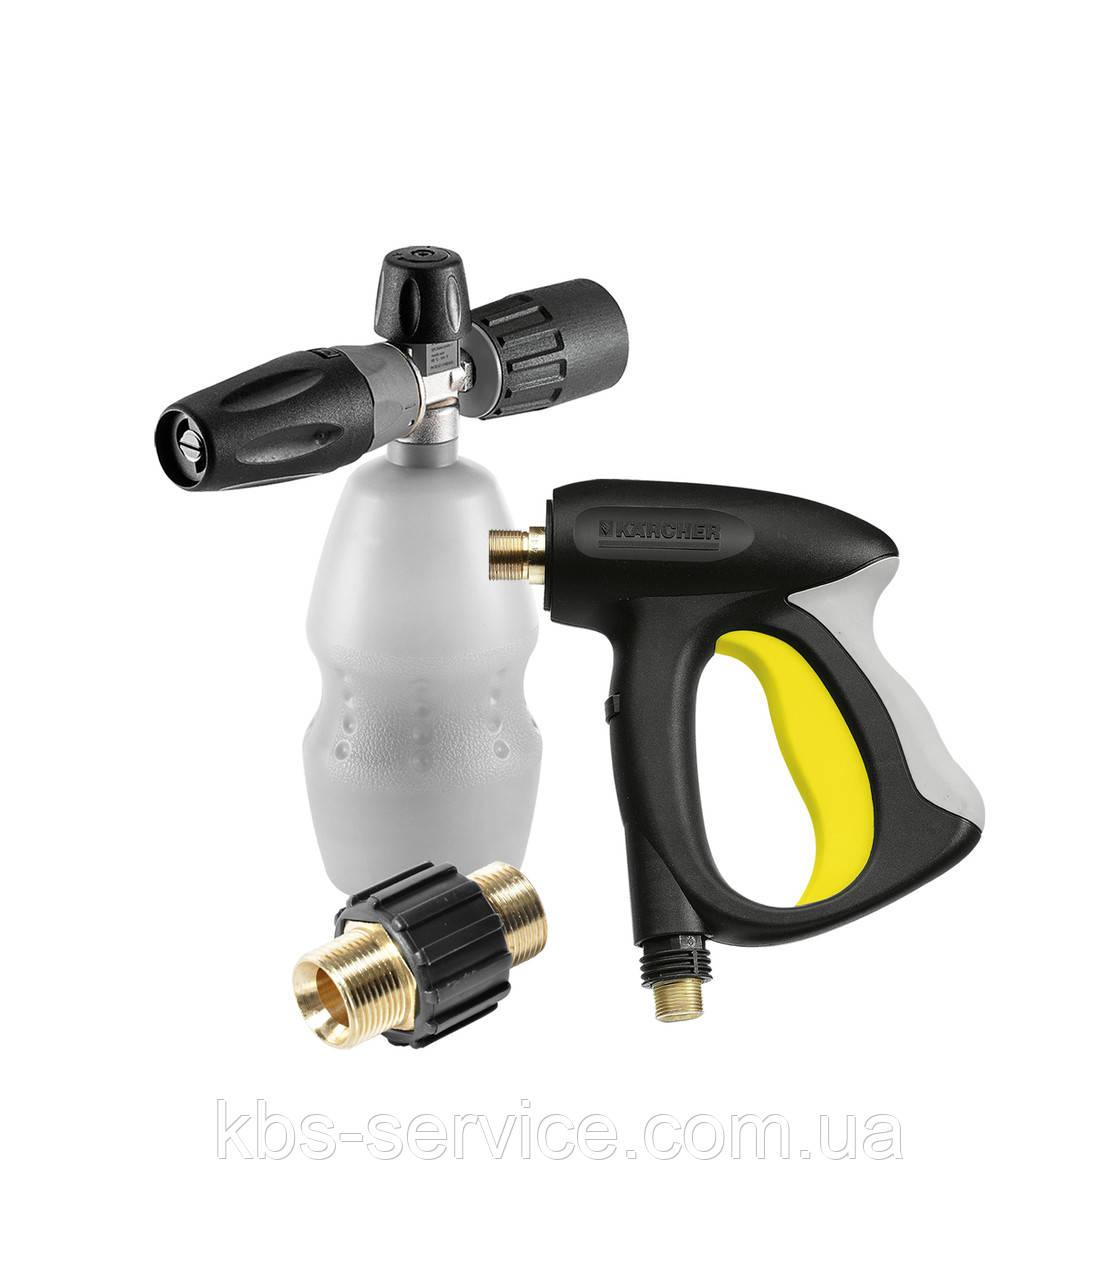 Продажа запчастей и комплектующих к аппаратам высокого давления KARCHER